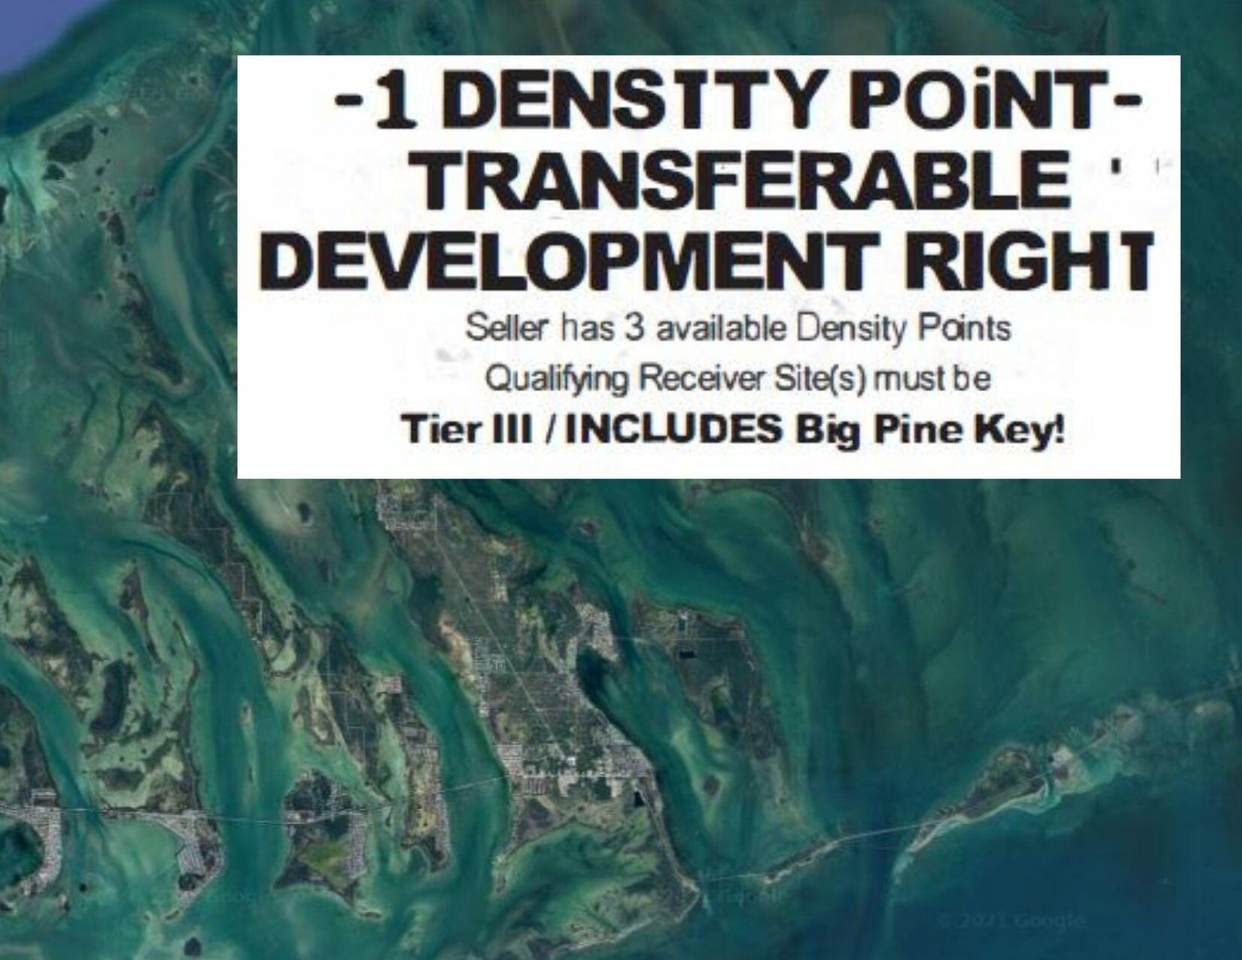 00 Density Right - Photo 1